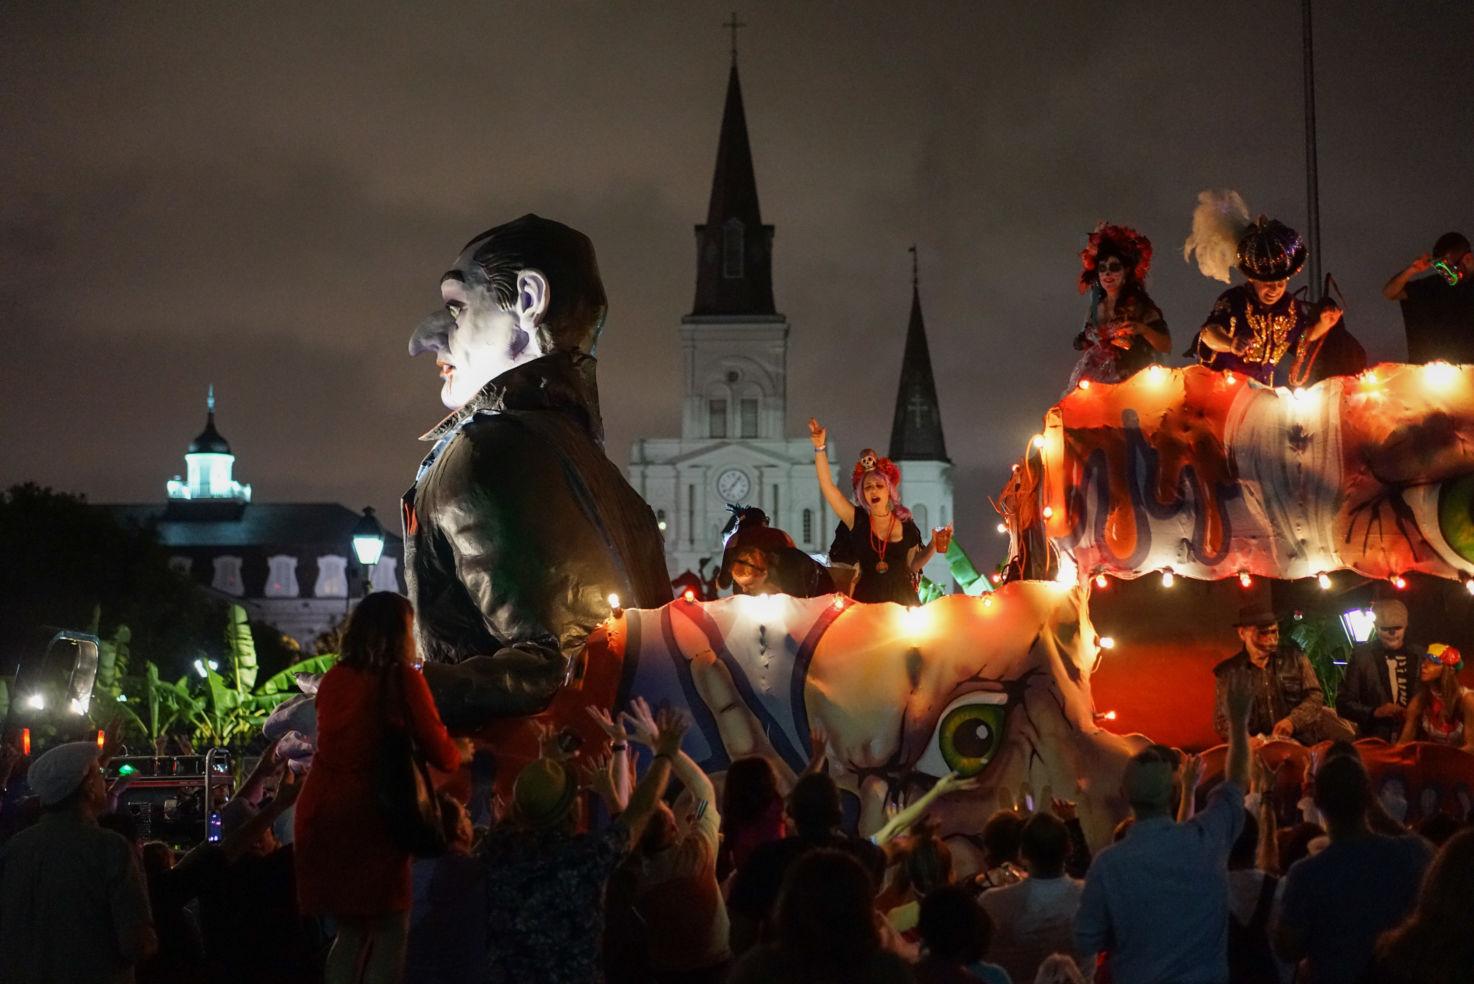 картинки празднования хэллоуина в британии появляются